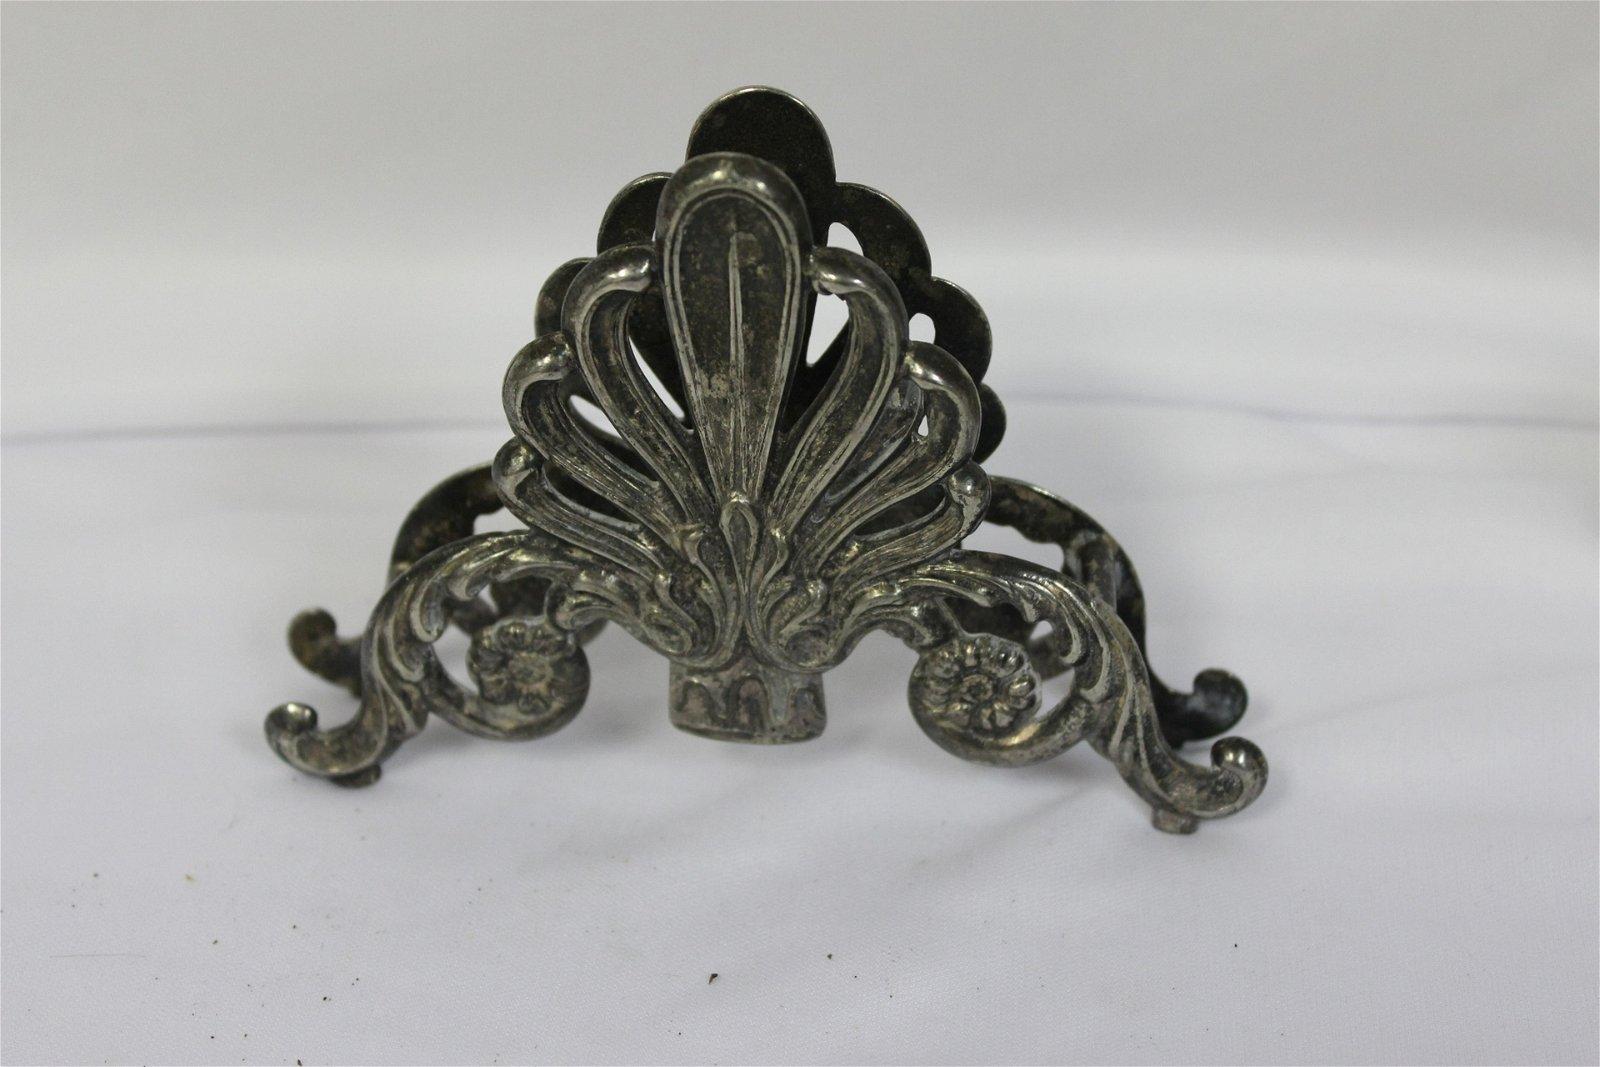 A Vintage Metal Napkin Holder